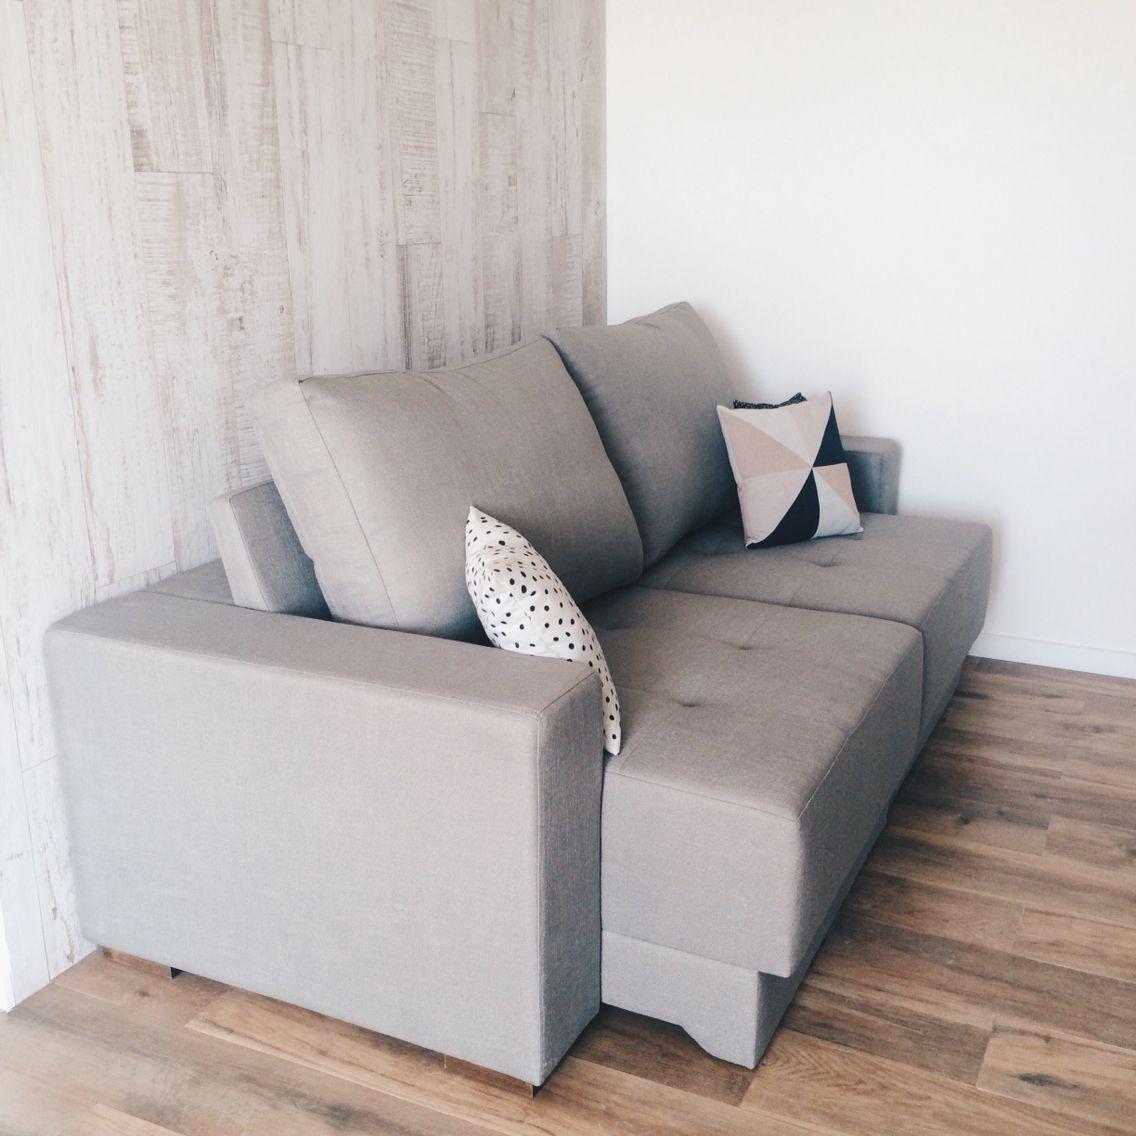 apaixonados pela cor e tecido do sofá | @apartamento.33, Wohnzimmer dekoo